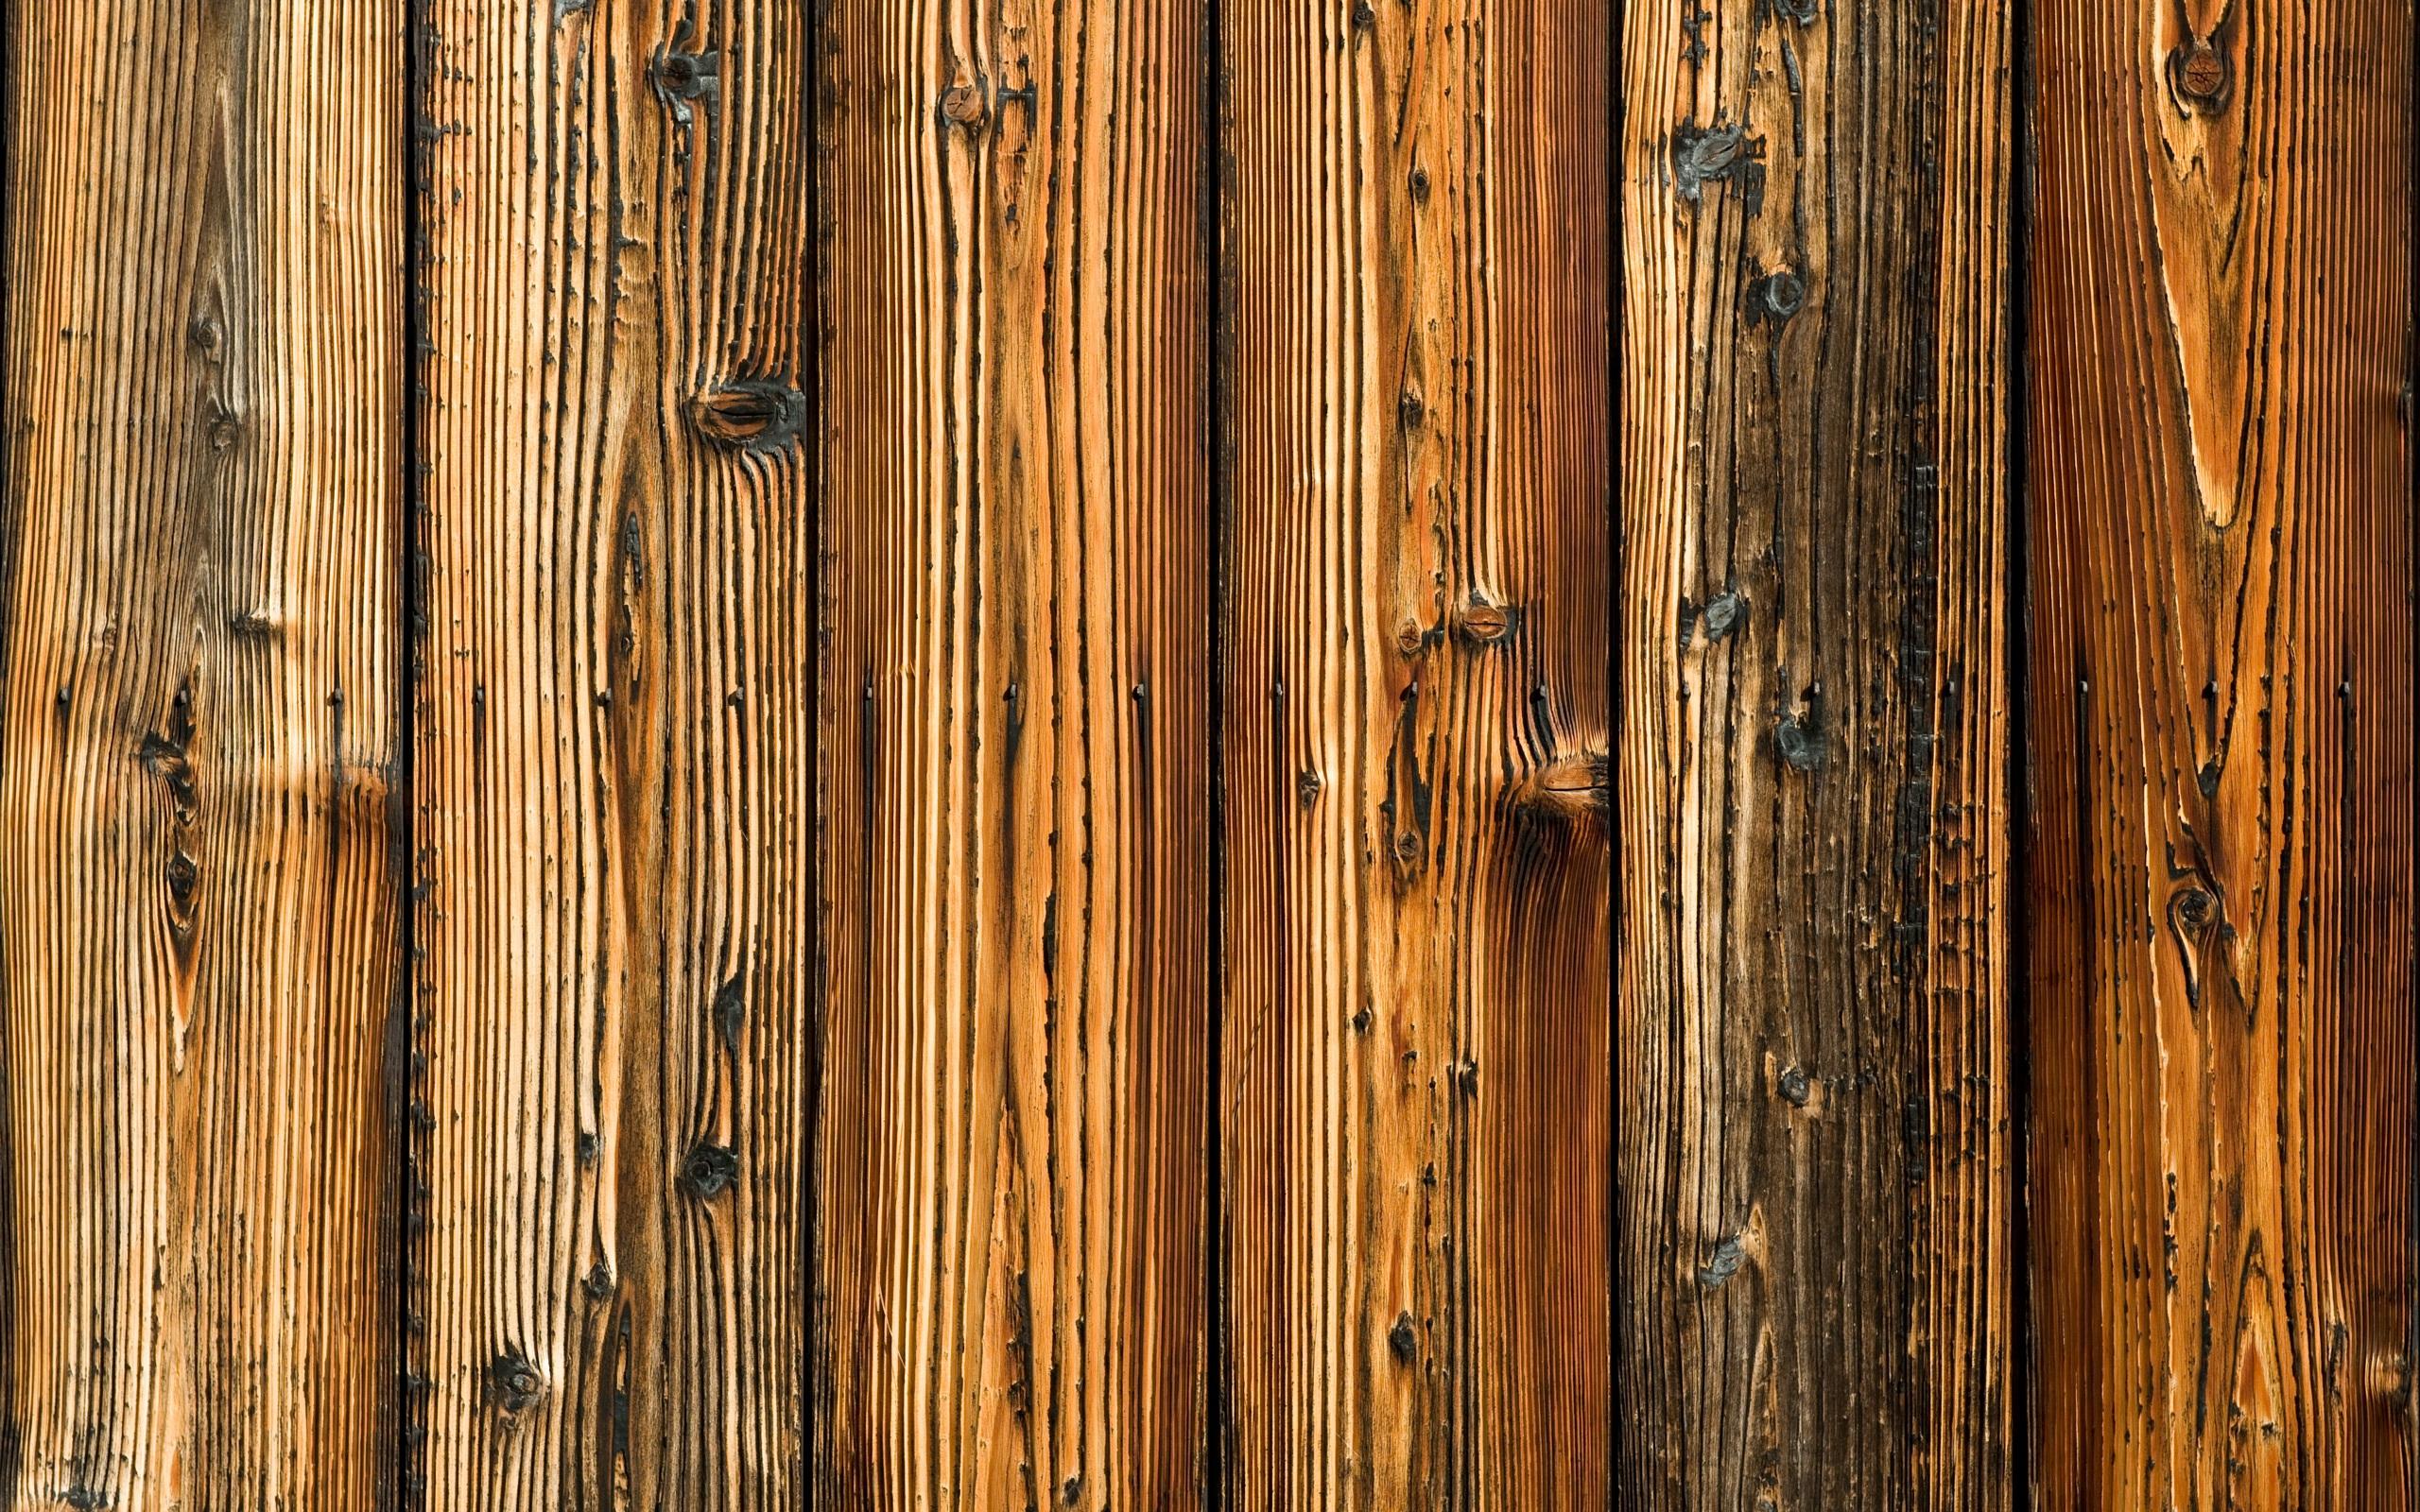 wood floor texture 5474